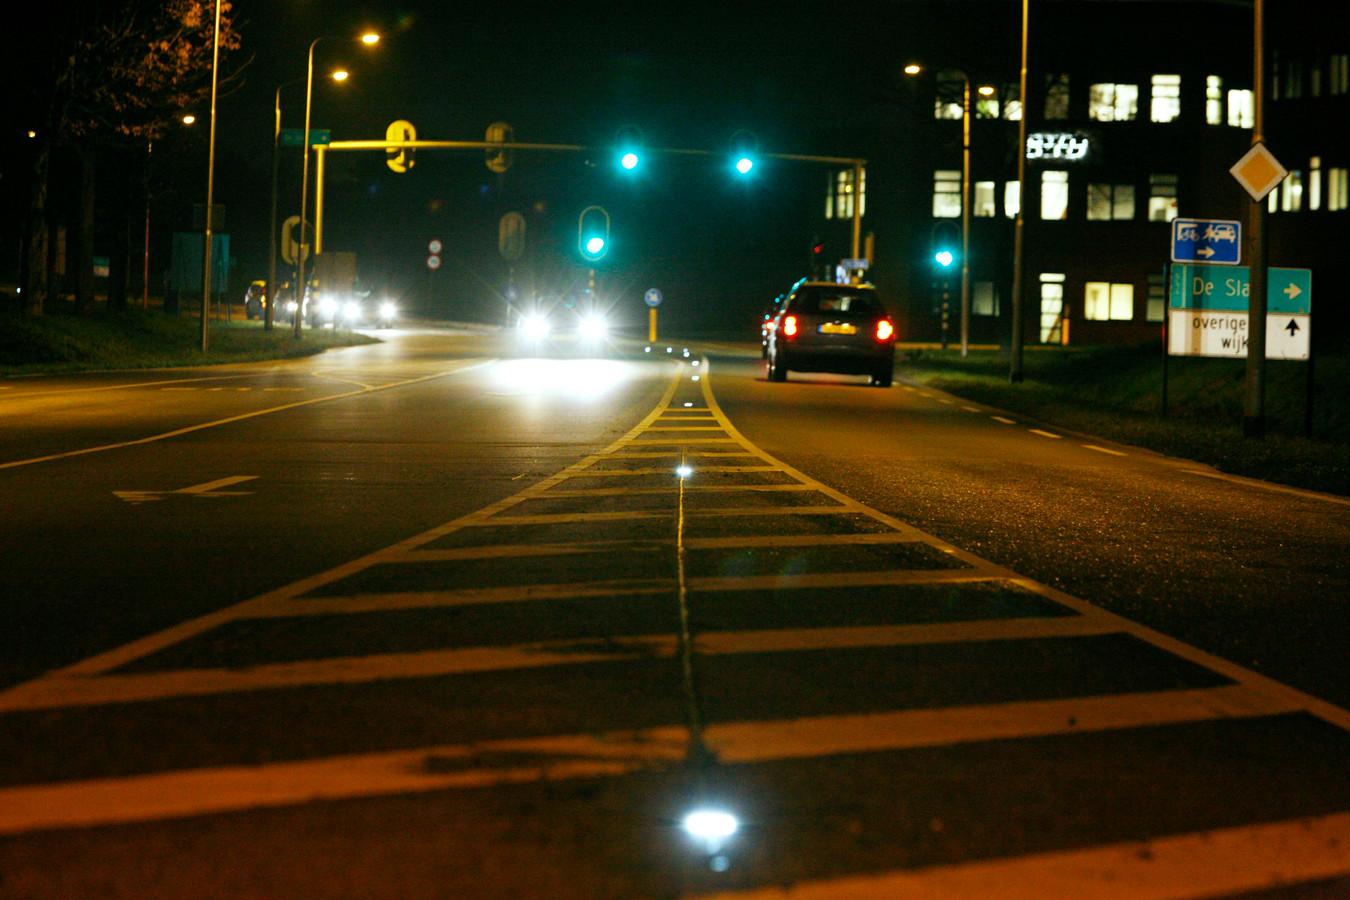 De Rondweg in Houten, de bedoeling is helemaal over te gaan op led-verlichting.